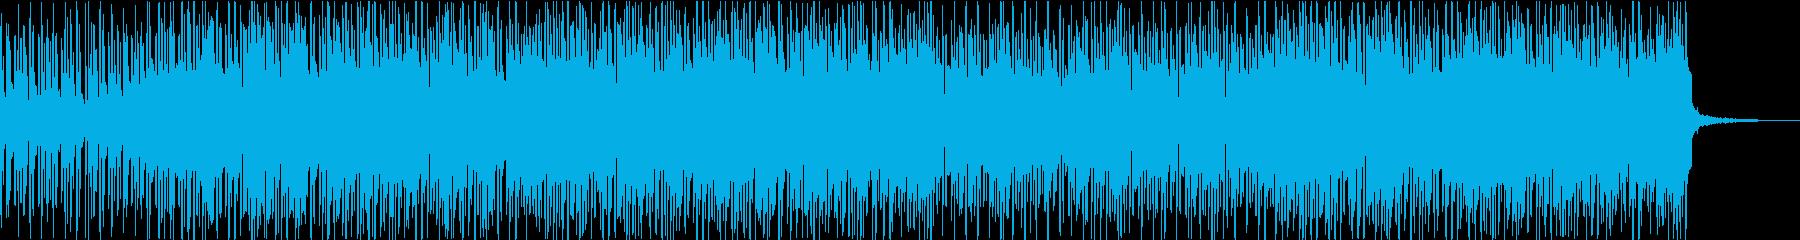 ウクレレと鉄琴がかわいいほのぼの系BGMの再生済みの波形